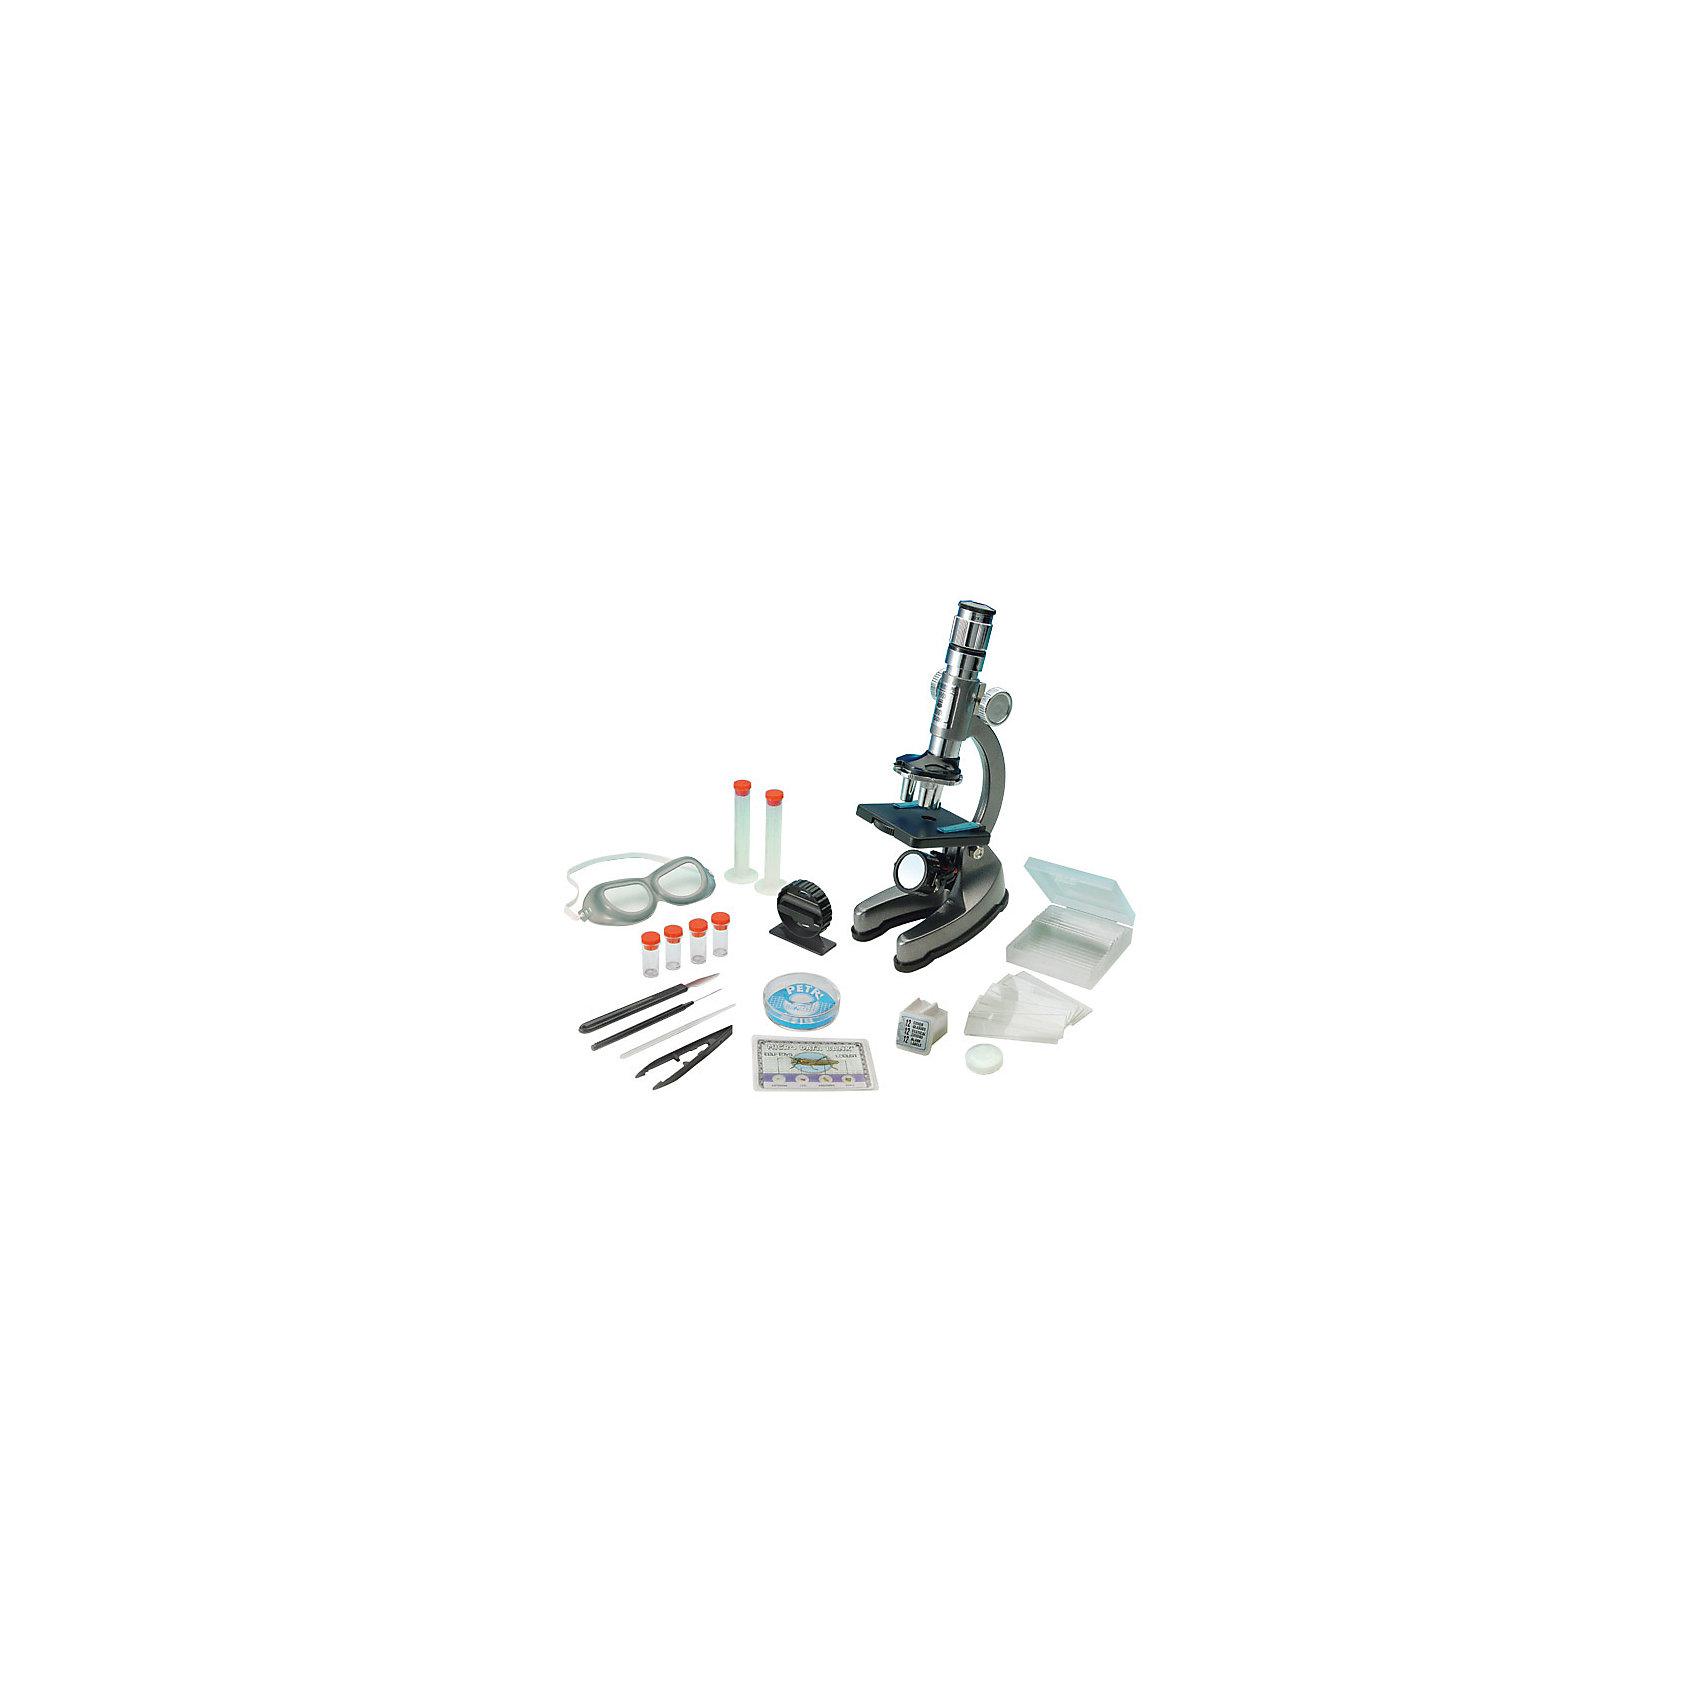 Микроскоп, Edu-ToysМикроскопы для школьников<br>Микроскоп, Edu-Toys - необходимый инструмент для юного исследователя в его изучении окружающего мира и природы. Высококачественный зум-окуляр микроскопа обеспечивает отличное качество изображения и дает переменное увеличение от 100 до 900 крат. Специальная ручка фокусировки поможет наладить нужную резкость, а с<br>помощью зеркала-отражателя Вы сможете настроить необходимое освещение для изучения препарата. Если яркости недостаточно, можно включить встроенную подсветку. <br><br>Прибор оснащен специальным предметным столиком с лапками-зажимами для микропрепаратов. Прочный корпус микроскопа выполнен из алюминия и имеет устойчивое основание, так что Вы можете не беспокоиться за его сохранность. В комплект также входит набор аксессуаров с помощью которых можно провести множество увлекательных опытов и наблюдений, здесь Вы найдете и комплект микропрепаратов, и все необходимые инструменты и емкости.<br><br>Дополнительная информация:<br><br>- В комплекте: микроскоп EDU-TOYS MS002 с алюминиевым корпусом, окуляр с переменной кратностью 12-18х, набор готовых микропрепаратов, мини-нож для изготовления   препаратов, 12 стеклянных слайдов, 12 стеклянных покрытий, 12 этикеток, 2 пробирки с химикатами, 2 пустые пробирки, стеклянная палочка для перемешивания, чашка Петри,   скальпель, игла, пинцет, запасная лампочка, 2 мерные колбы, защитные очки, крышка объектива, инструкция.<br>- Материал: алюминий, пластик, стекло.<br>- Для подсветки требуются батарейки: 2 х АА (не входят в комплект).<br>- Высота микроскопа: 23 см.<br>- Размер упаковки: 35 х 8,5 х 39 см.<br>- Вес: 2,46 кг.<br><br>Микроскоп, Edu-Toys, можно купить в нашем интернет-магазине.<br><br>Ширина мм: 390<br>Глубина мм: 85<br>Высота мм: 350<br>Вес г: 2460<br>Возраст от месяцев: 96<br>Возраст до месяцев: 144<br>Пол: Унисекс<br>Возраст: Детский<br>SKU: 4013710